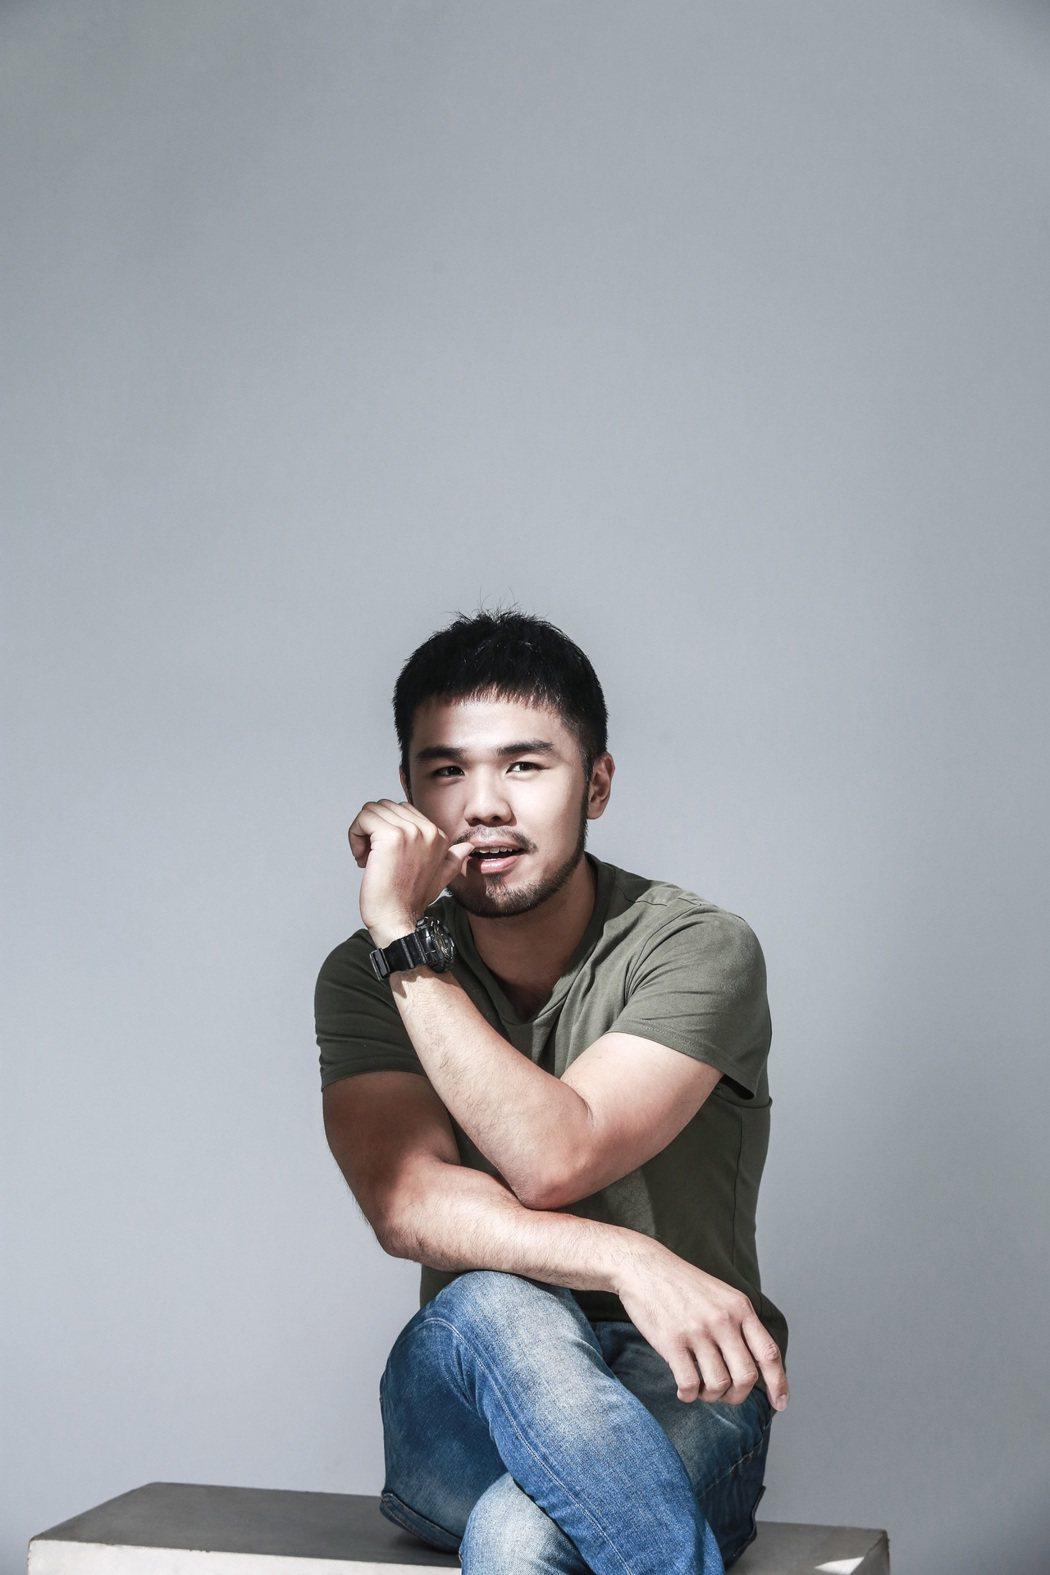 林欣甫苦熬4年再戰歌壇。圖/凱渥提供